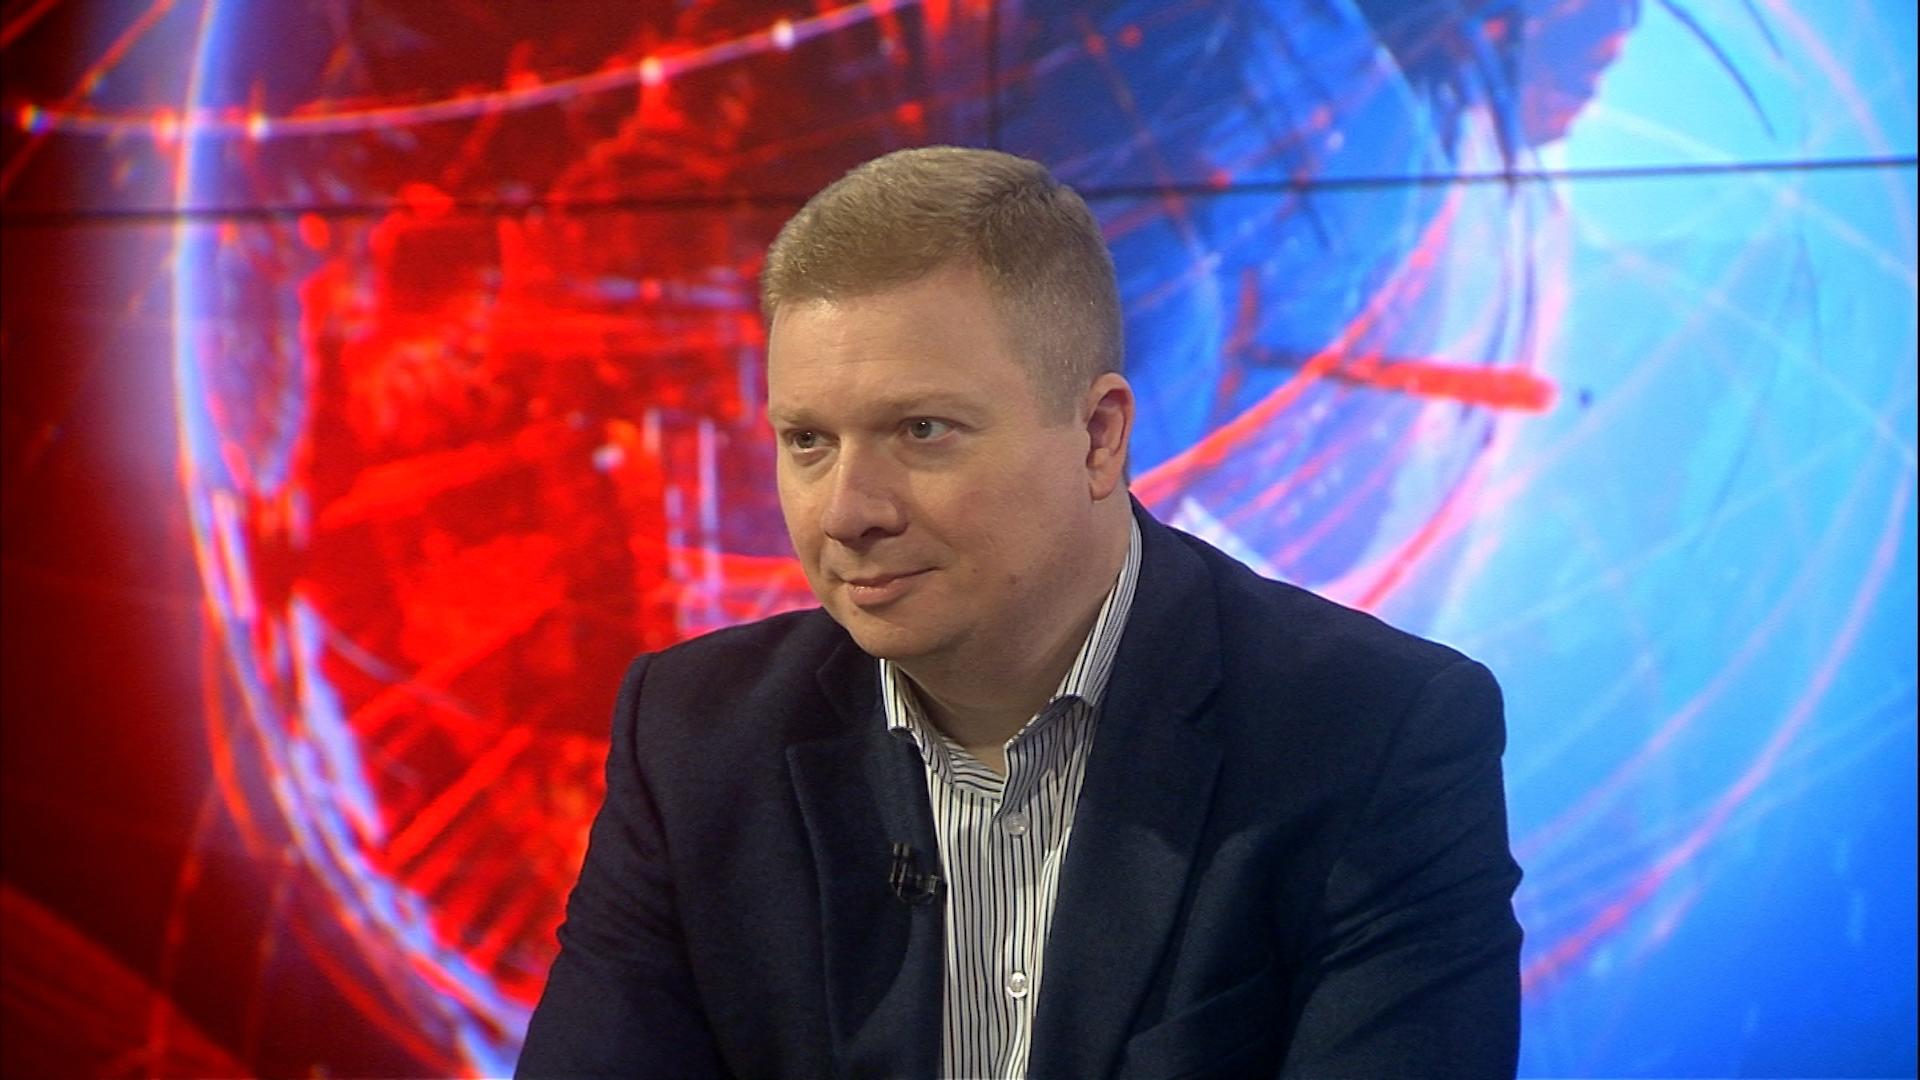 Дмитрий Суслов, заместитель директора Центра европейских и международных исследований ВШЭ